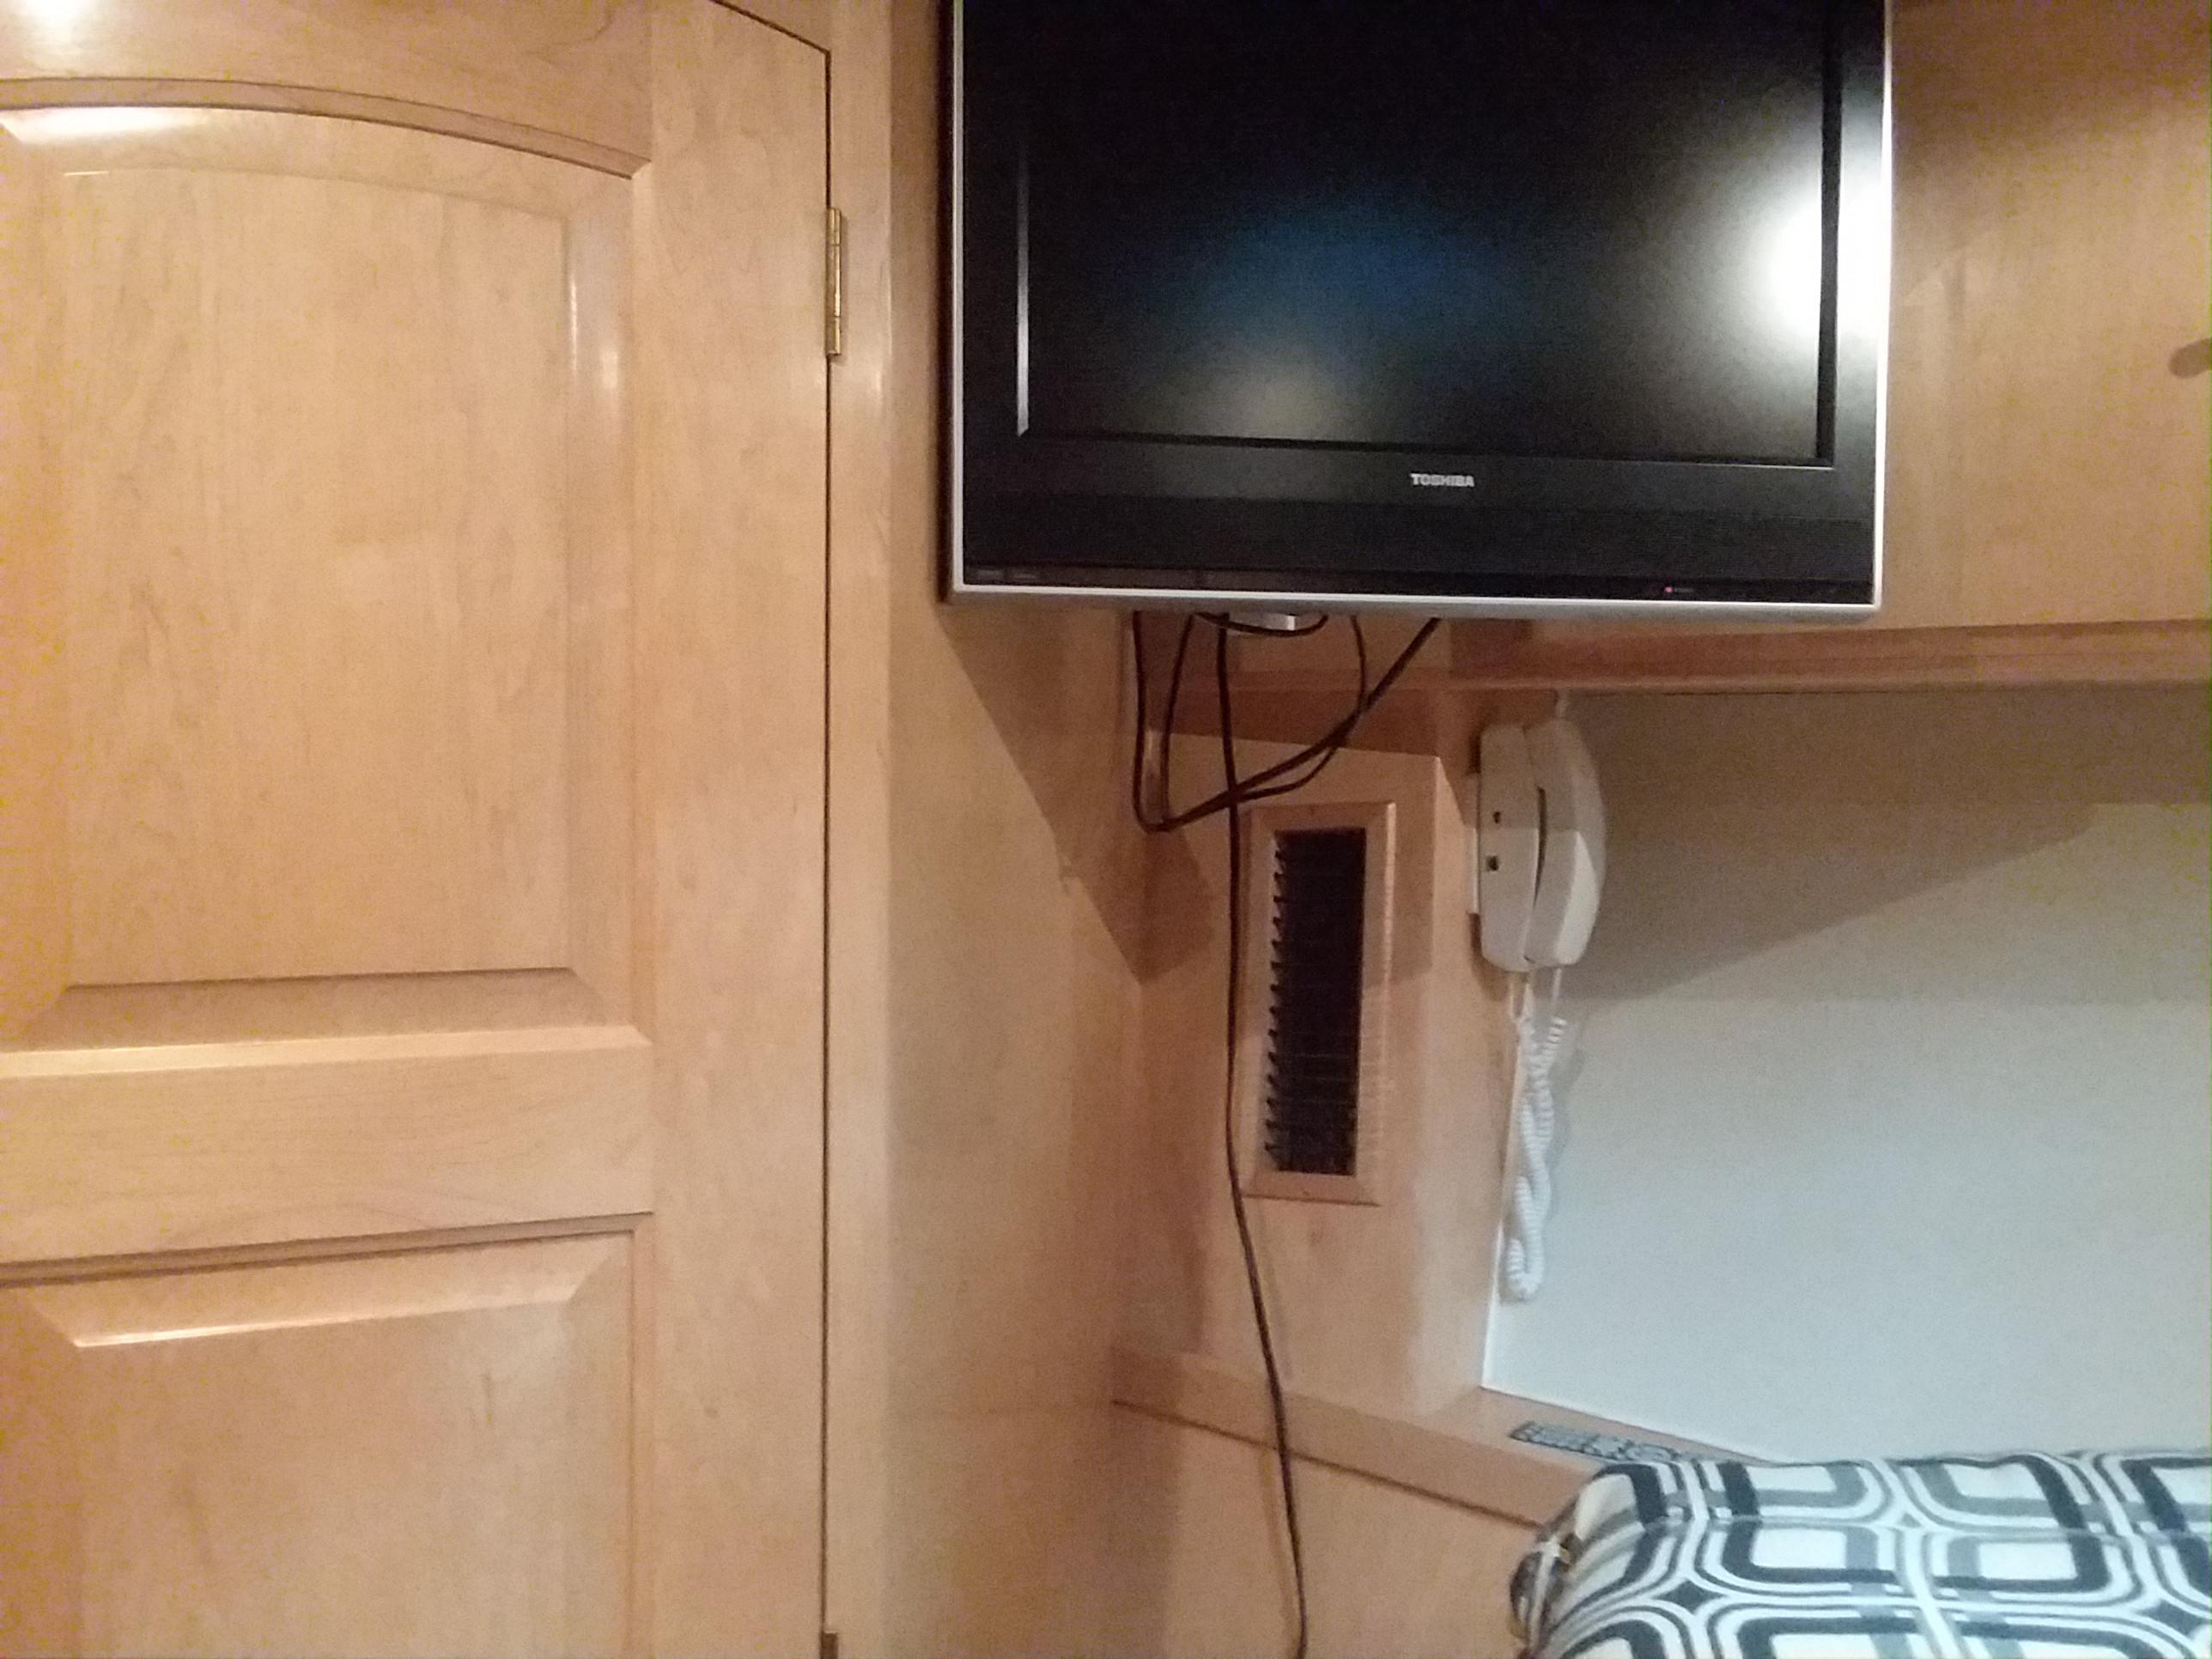 Forward Strm TV